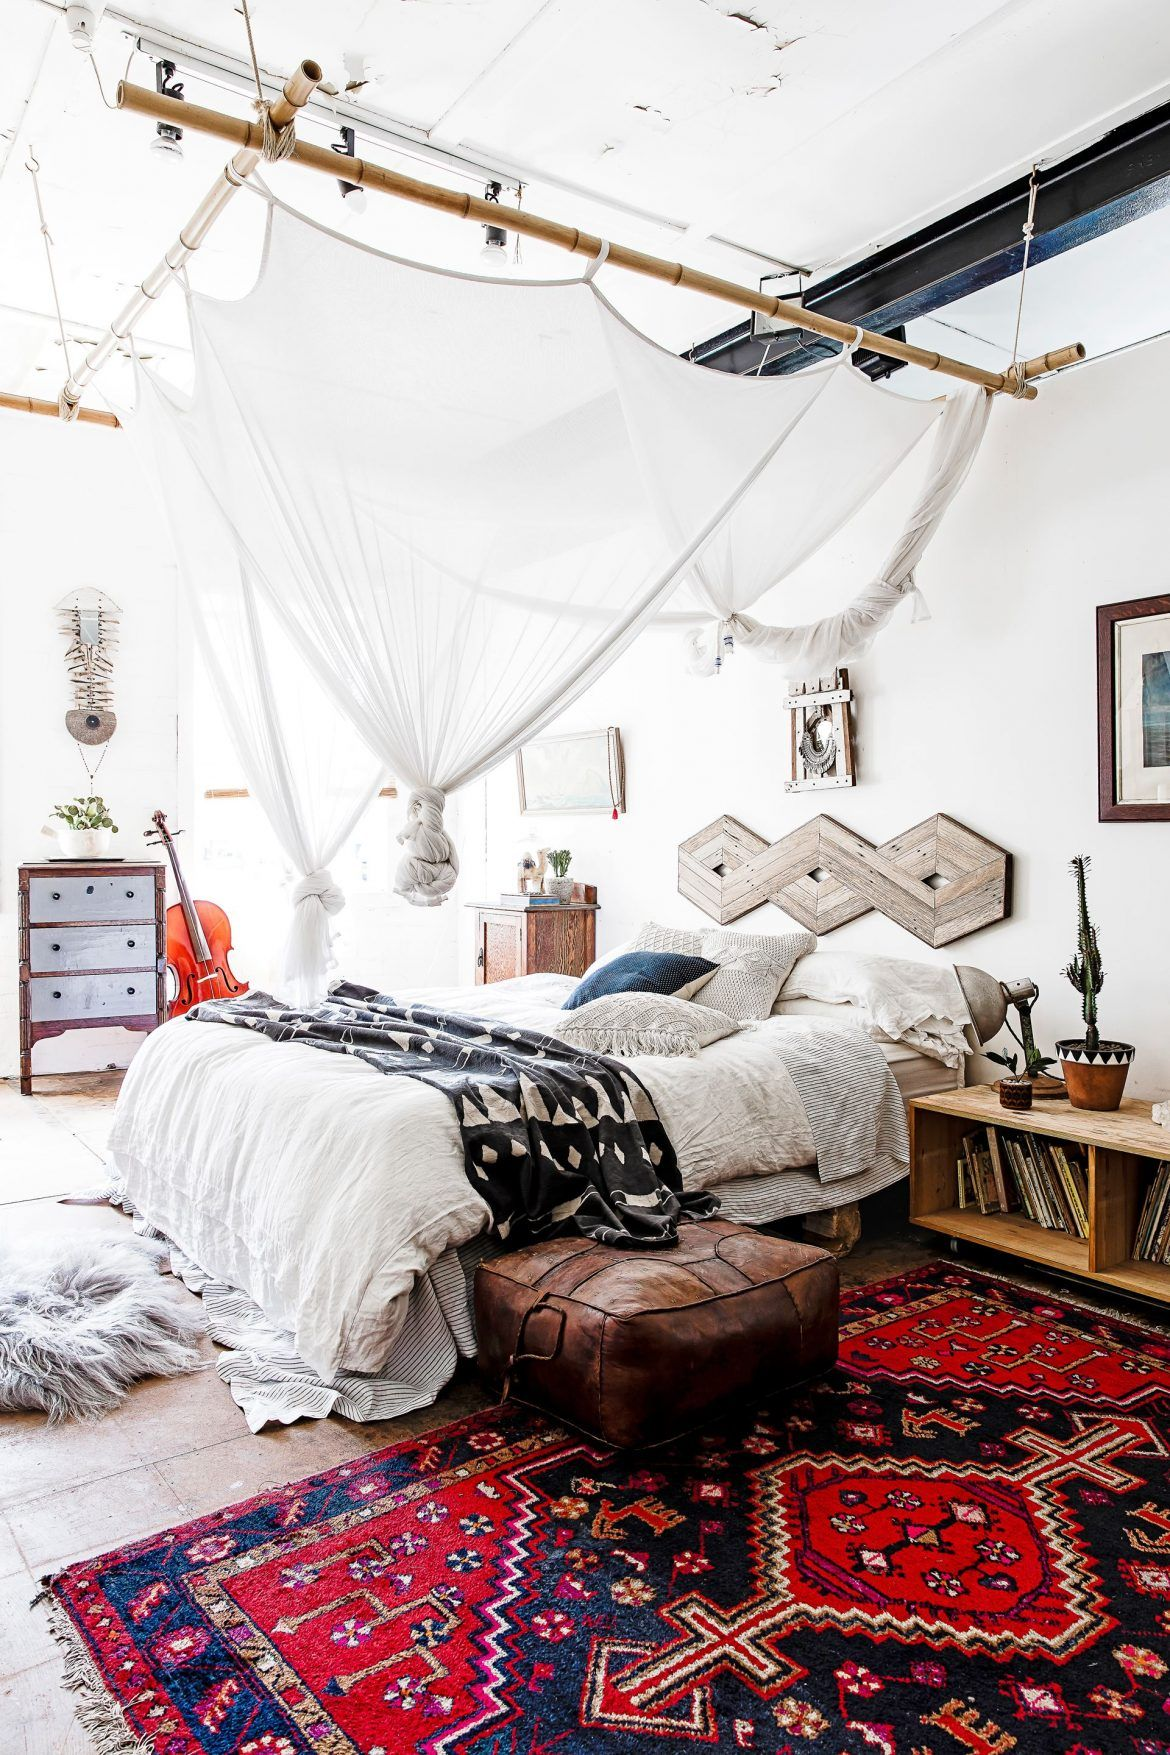 Boho loft bedroom  La vie bohème  Vivre dans un entrepôt  Le loft duAnamai Carbobel